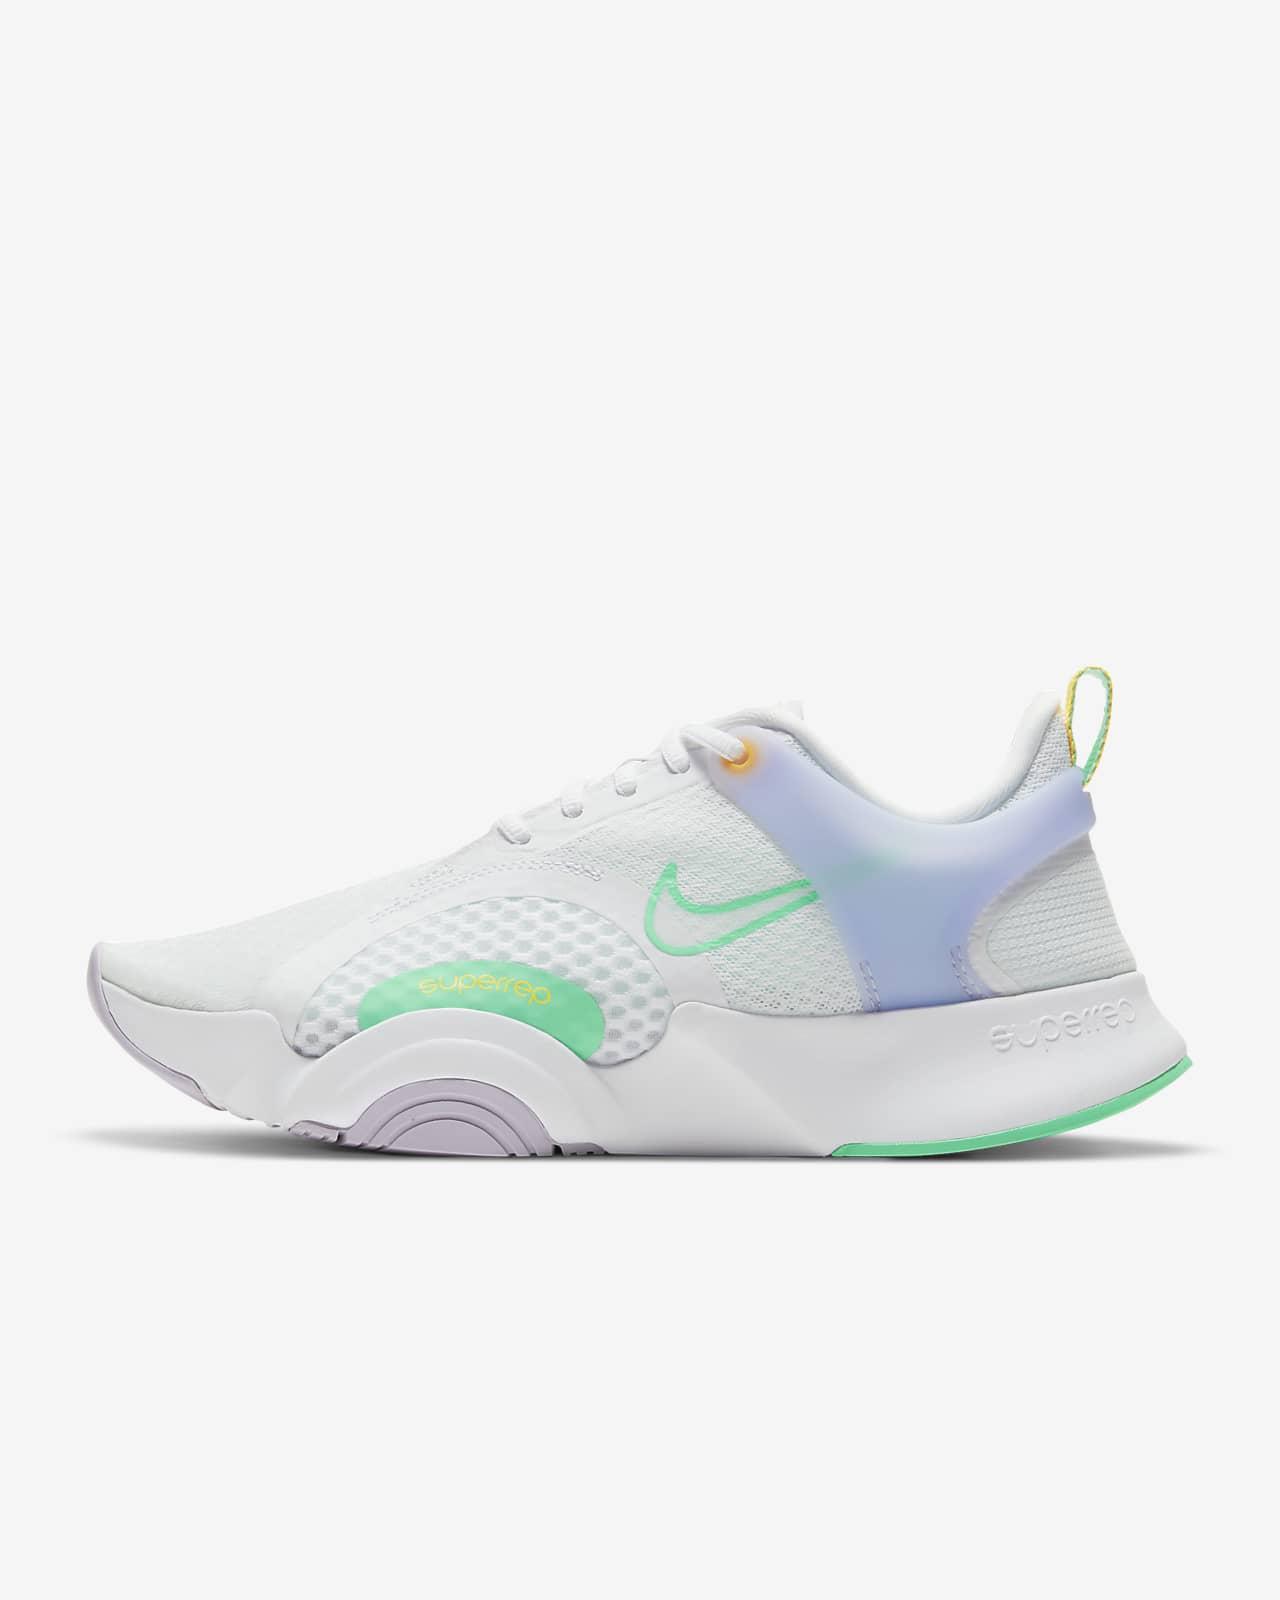 Γυναικείο παπούτσι προπόνησης Nike SuperRep Go 2